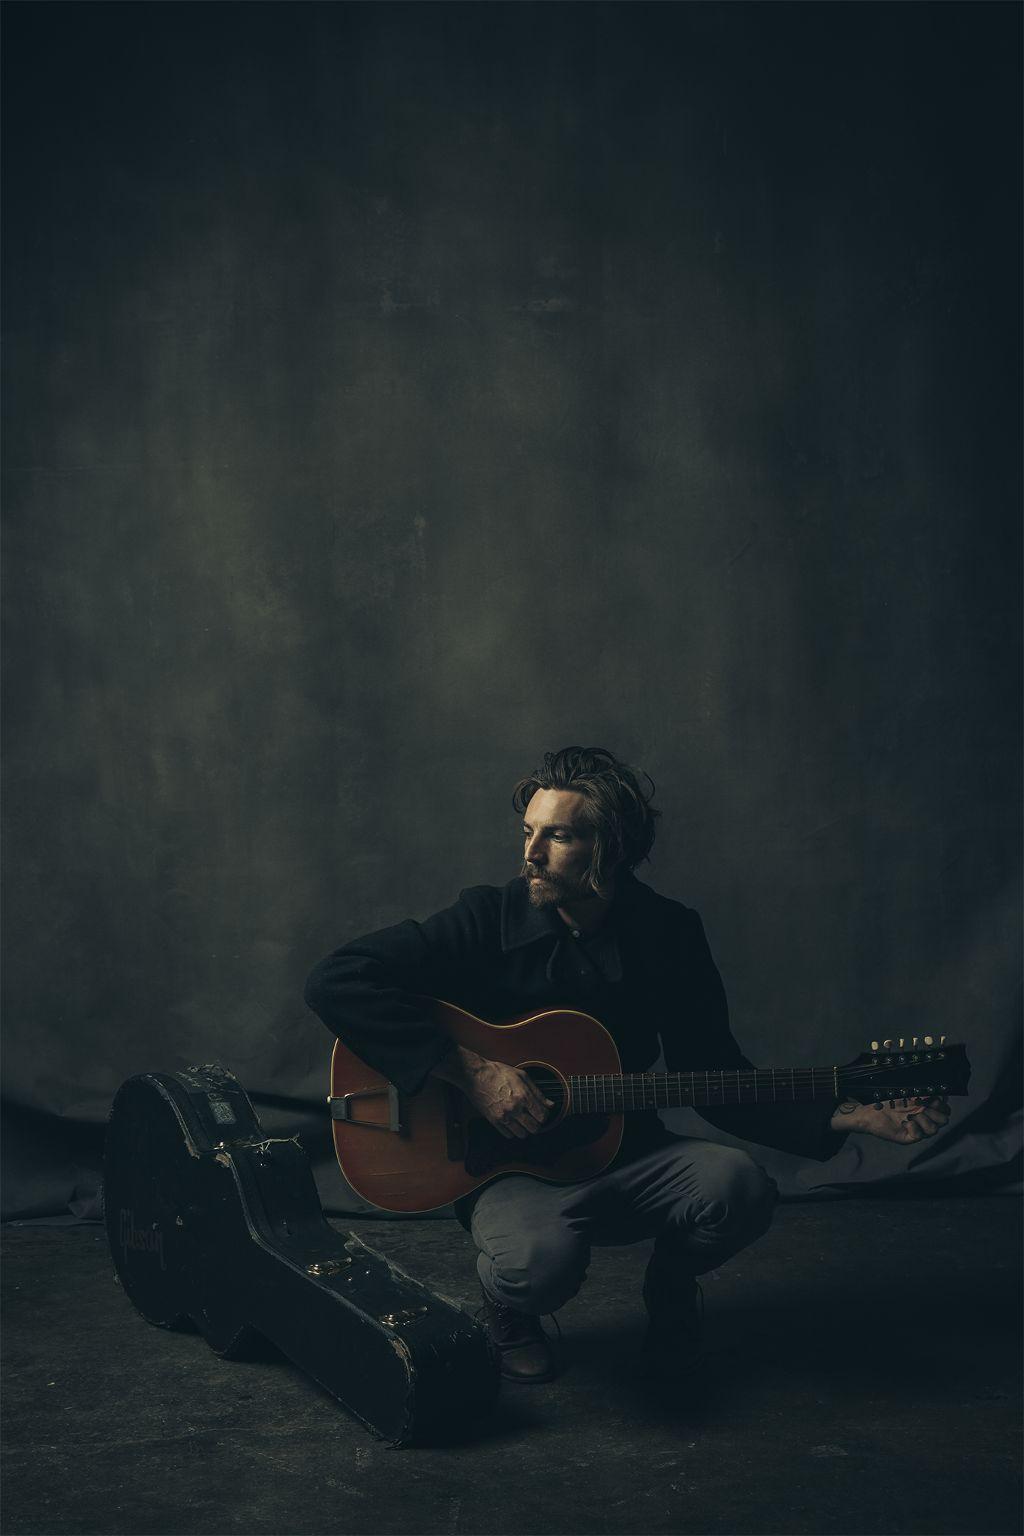 Jeremy Cowart photography